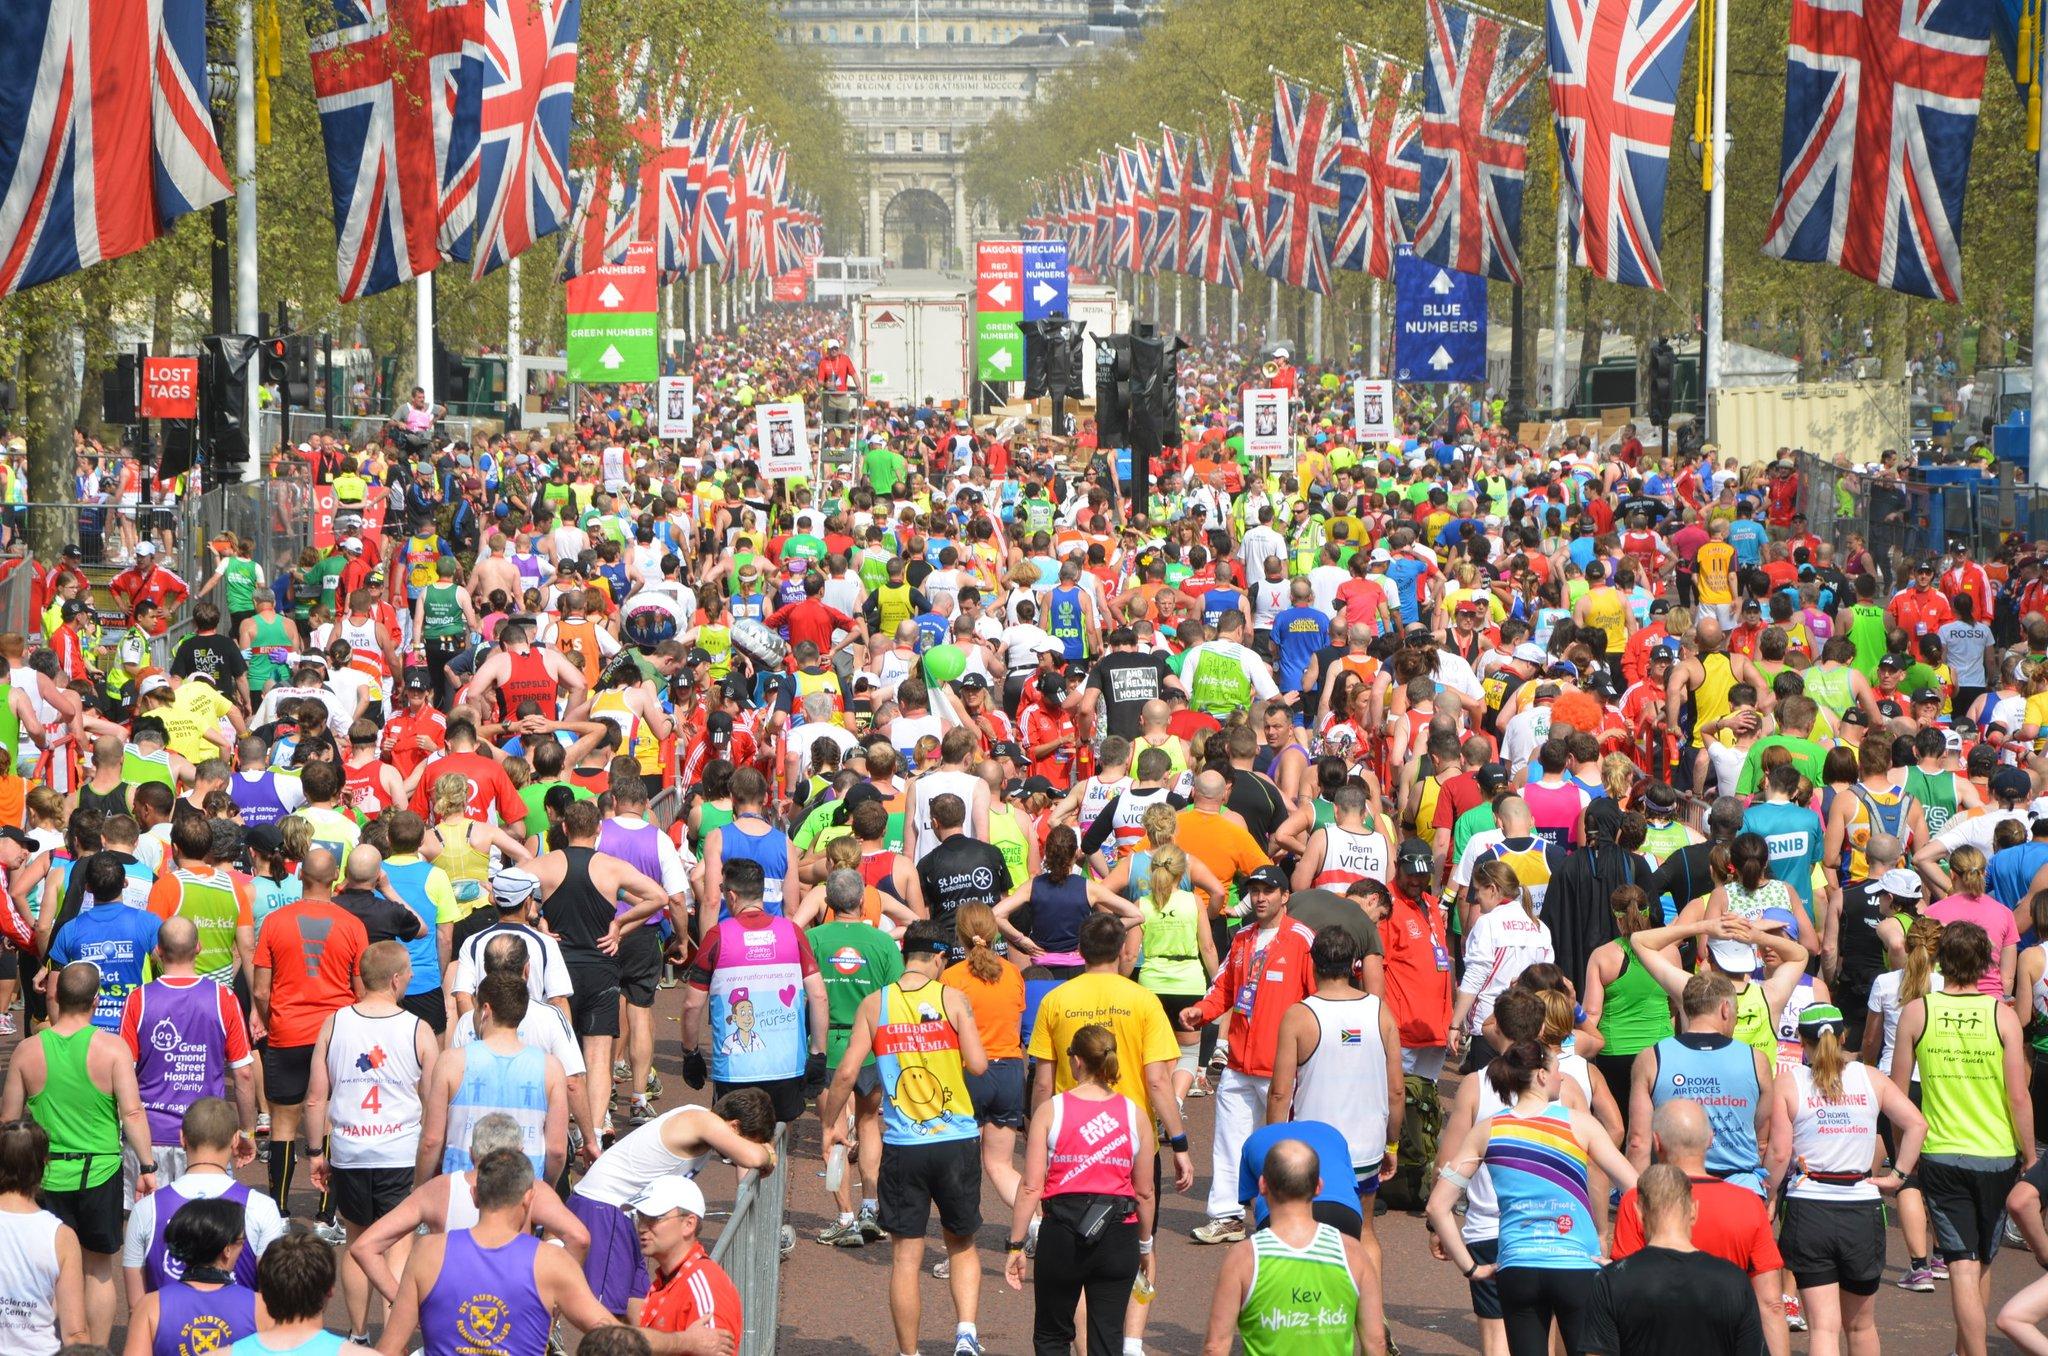 Maraton-de-Londres-inscripciones-locos-por-correr-01